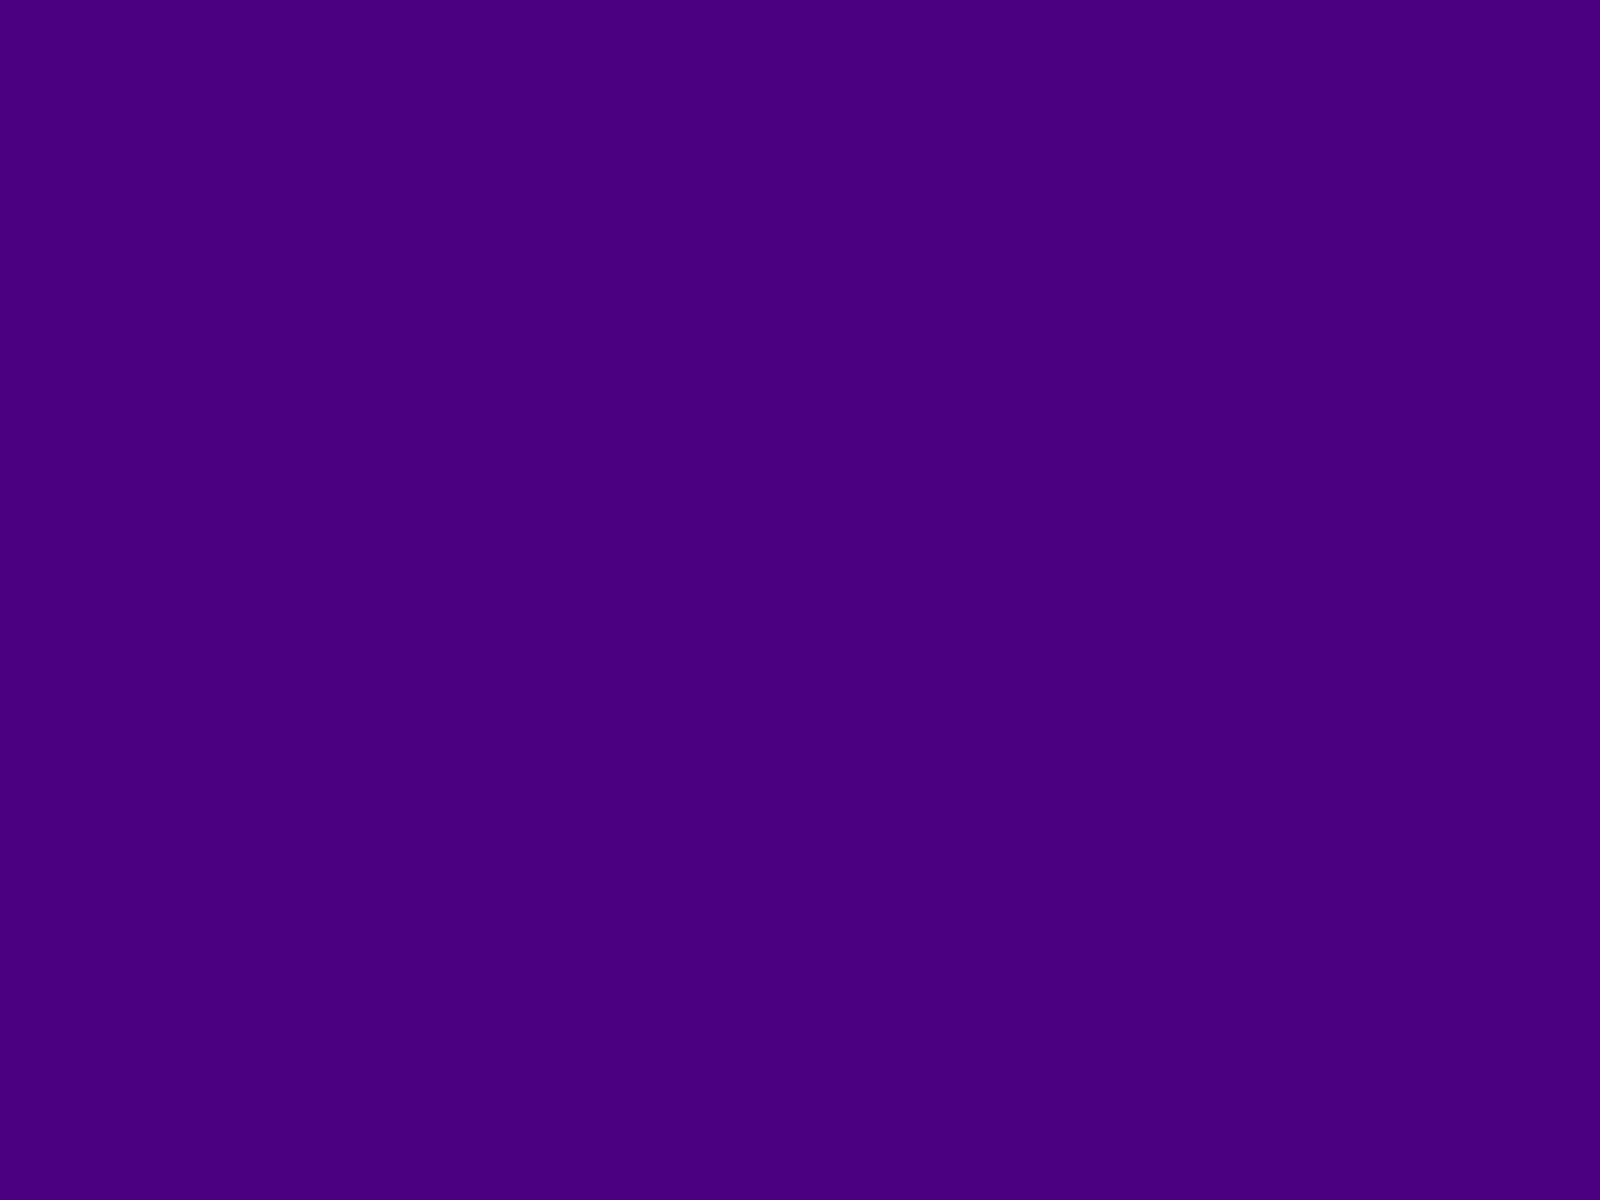 1600x1200 Indigo Web Solid Color Background